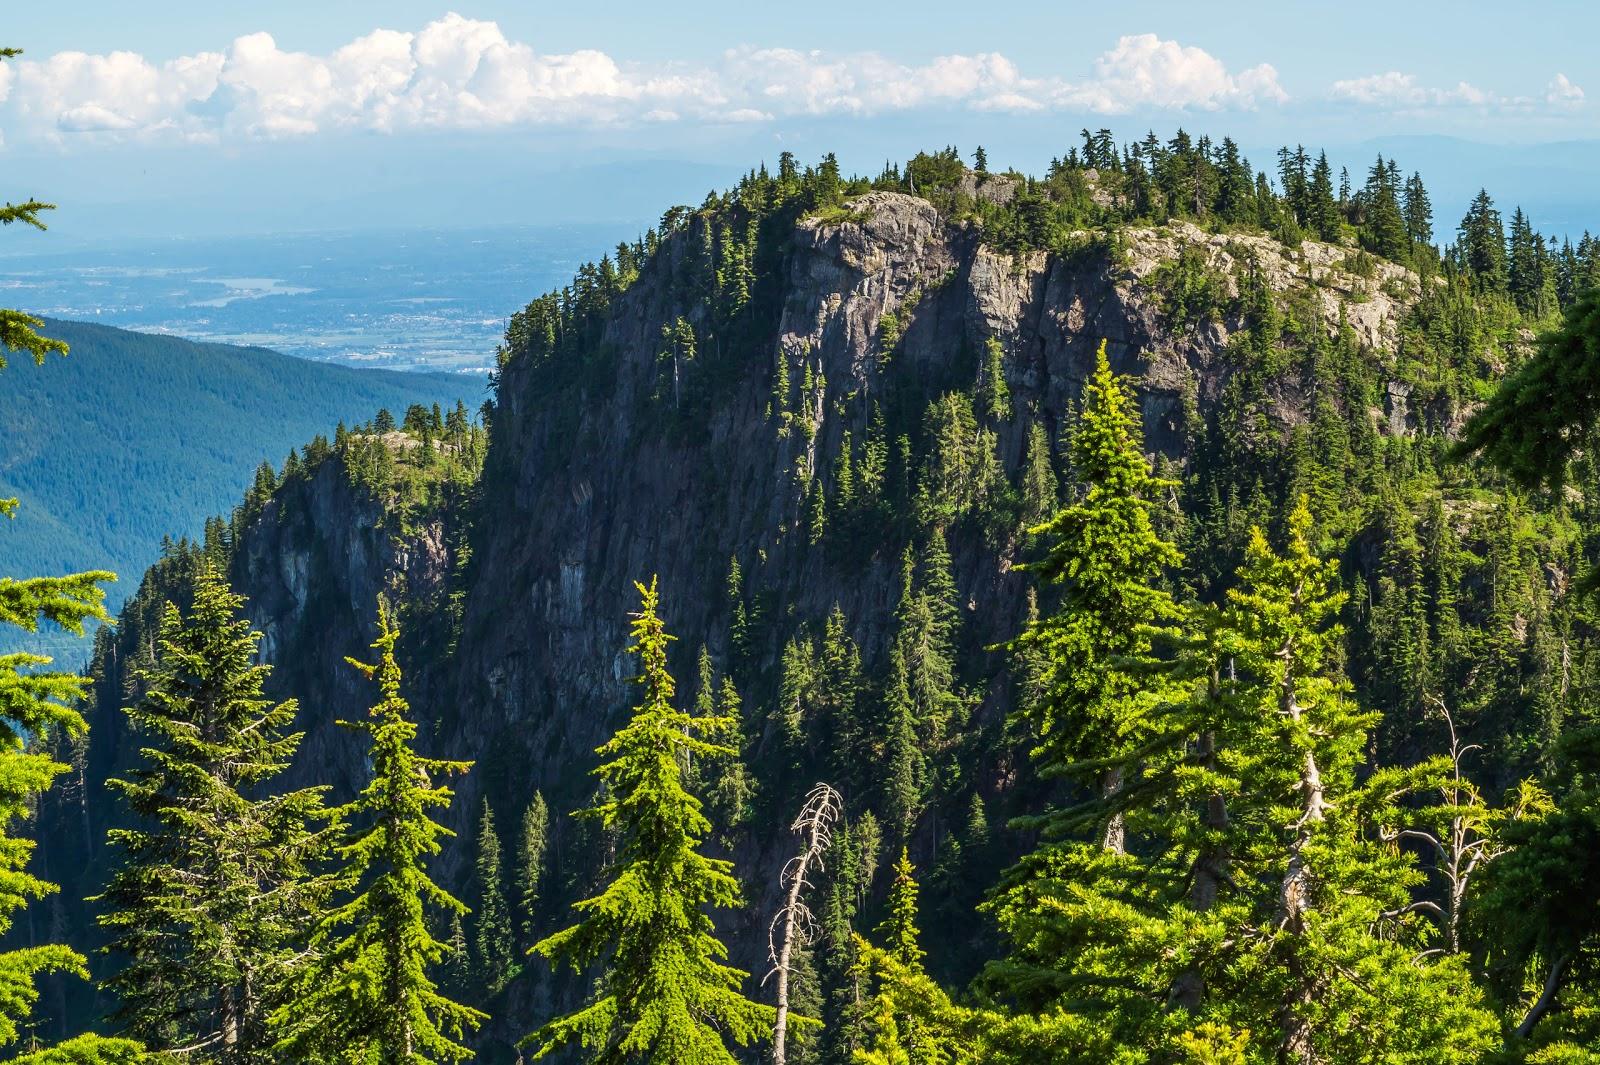 Тропа достаточно недлинная и быстро выводит к живописным видам на каменистые вершины.